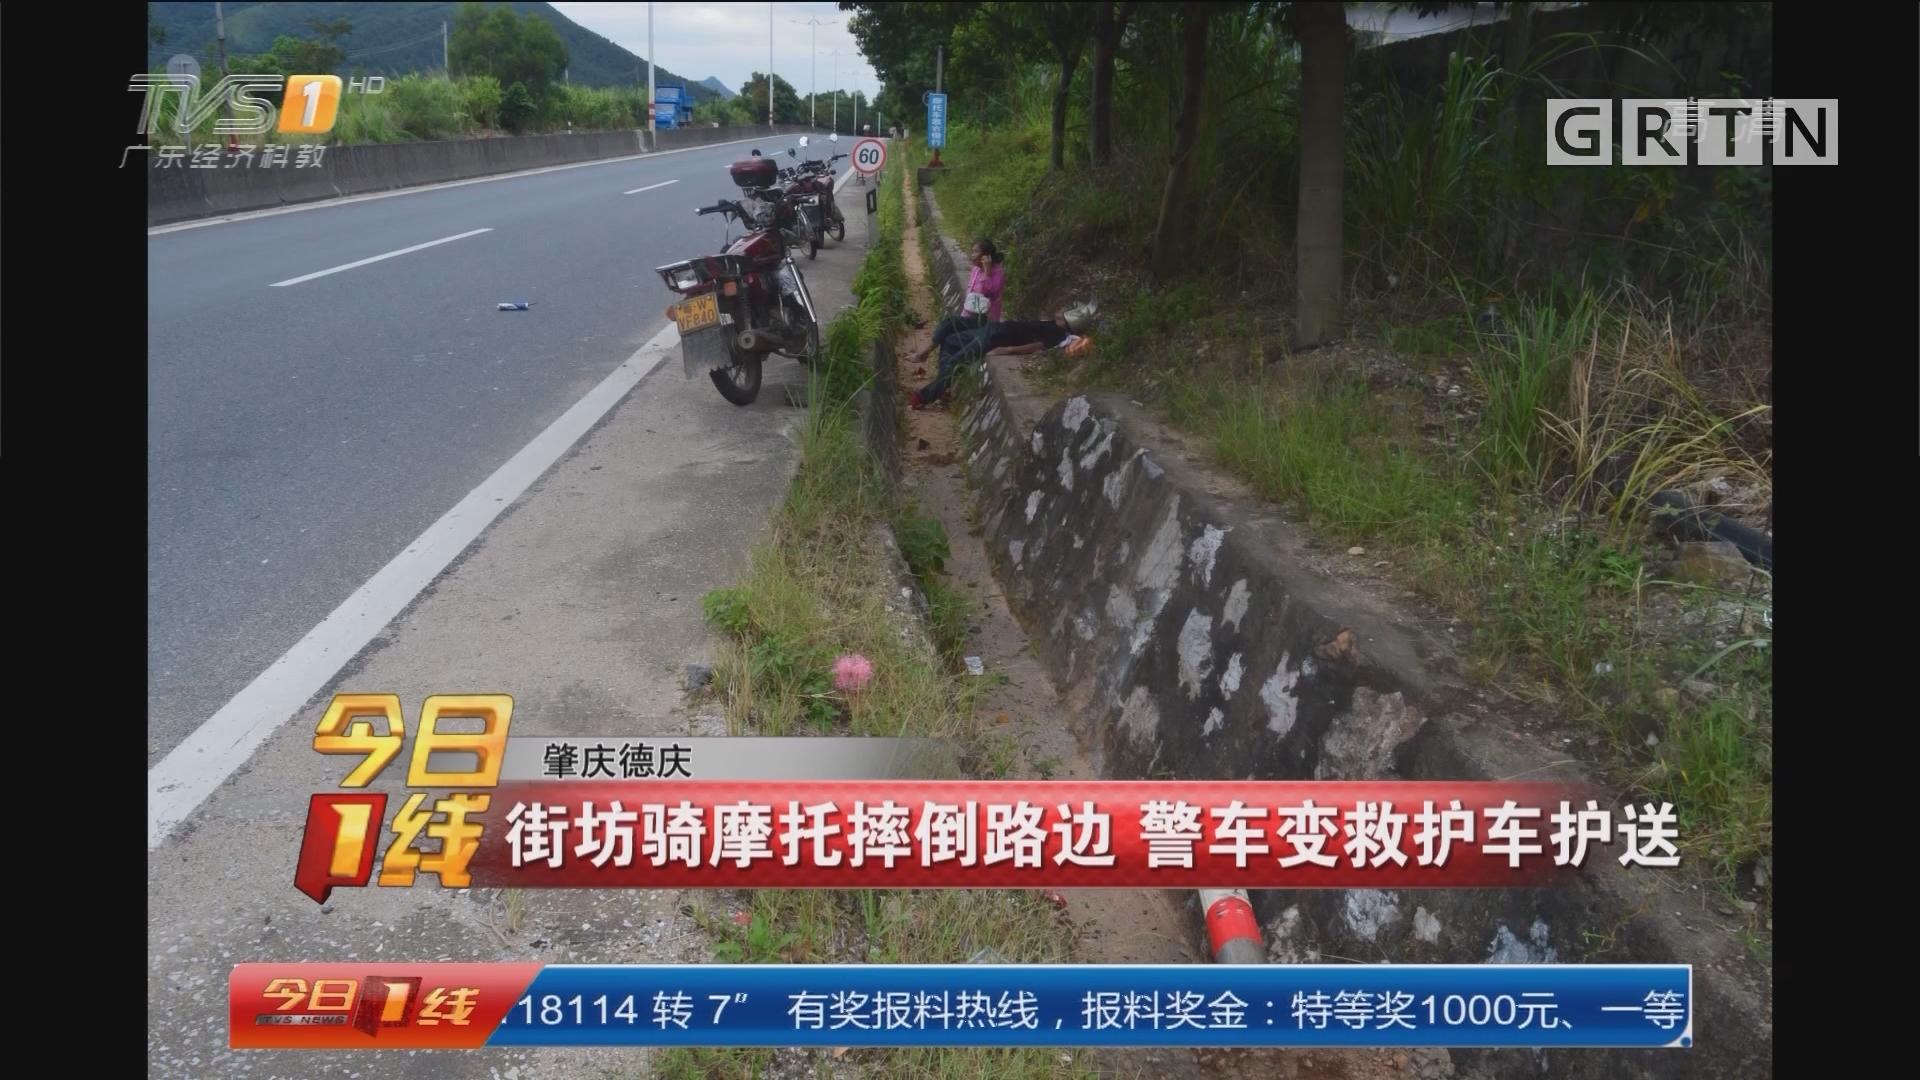 街坊骑摩托摔倒路边 警车变救护车护送